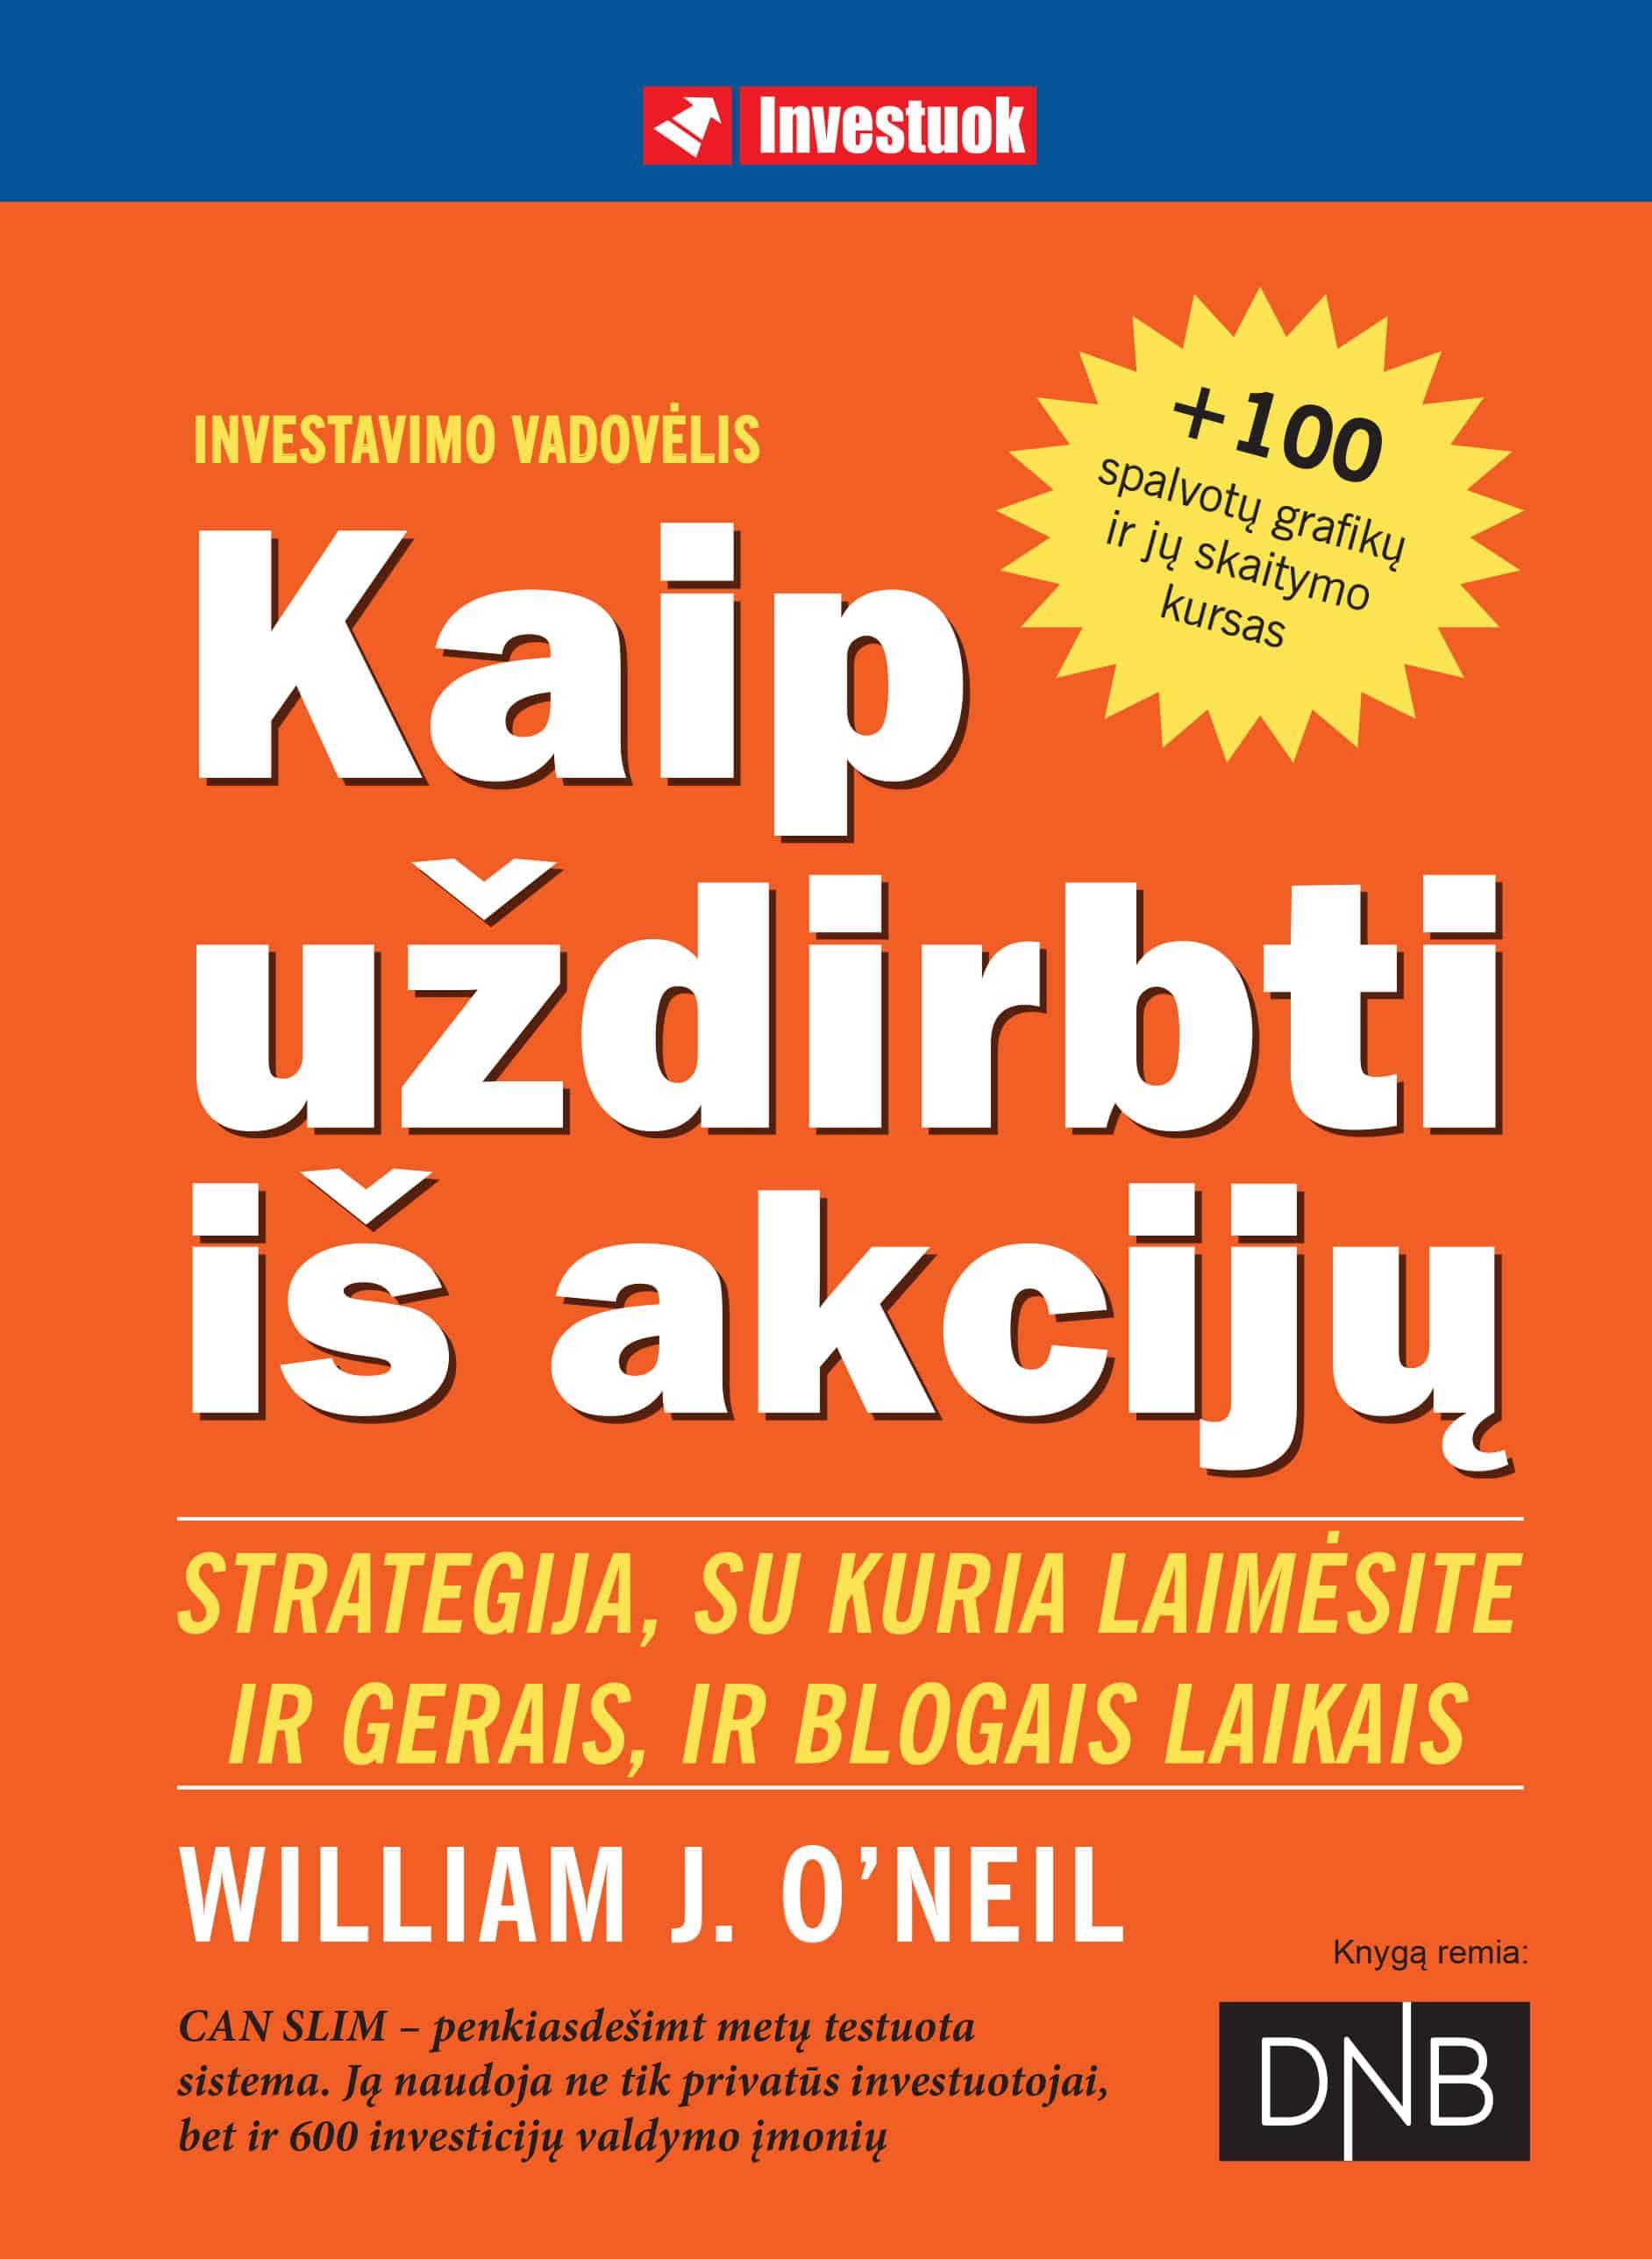 kaip udirbti pinigus i akcij ir akcij)